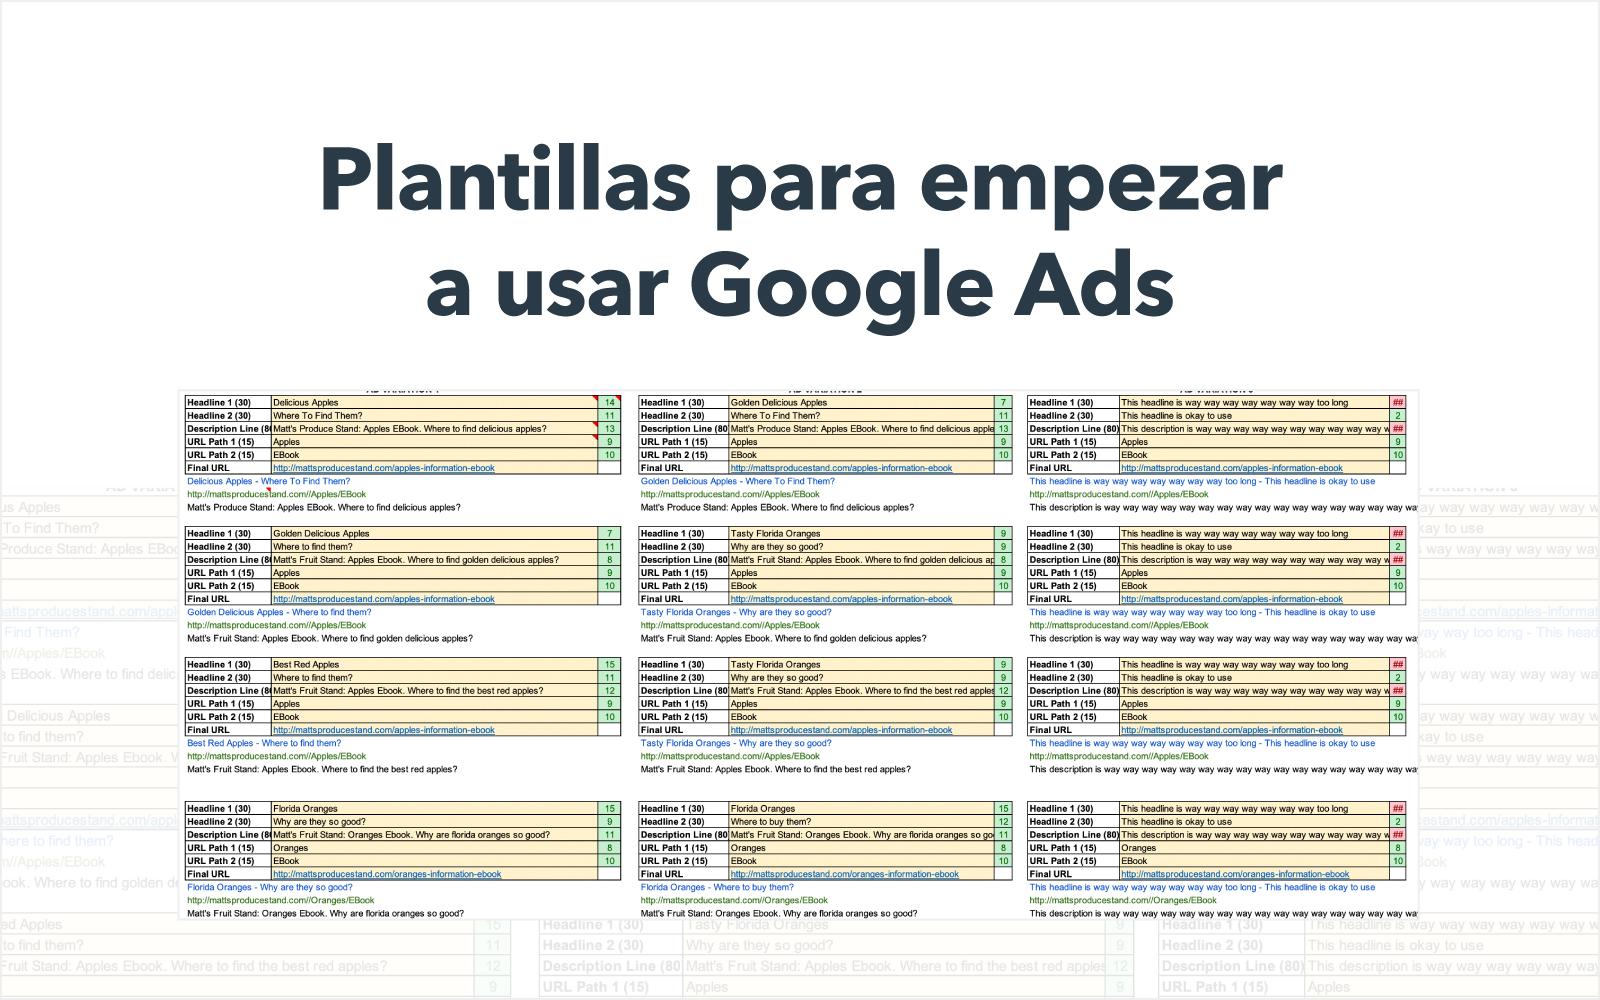 Plantillas para empezar a usar Google Ads